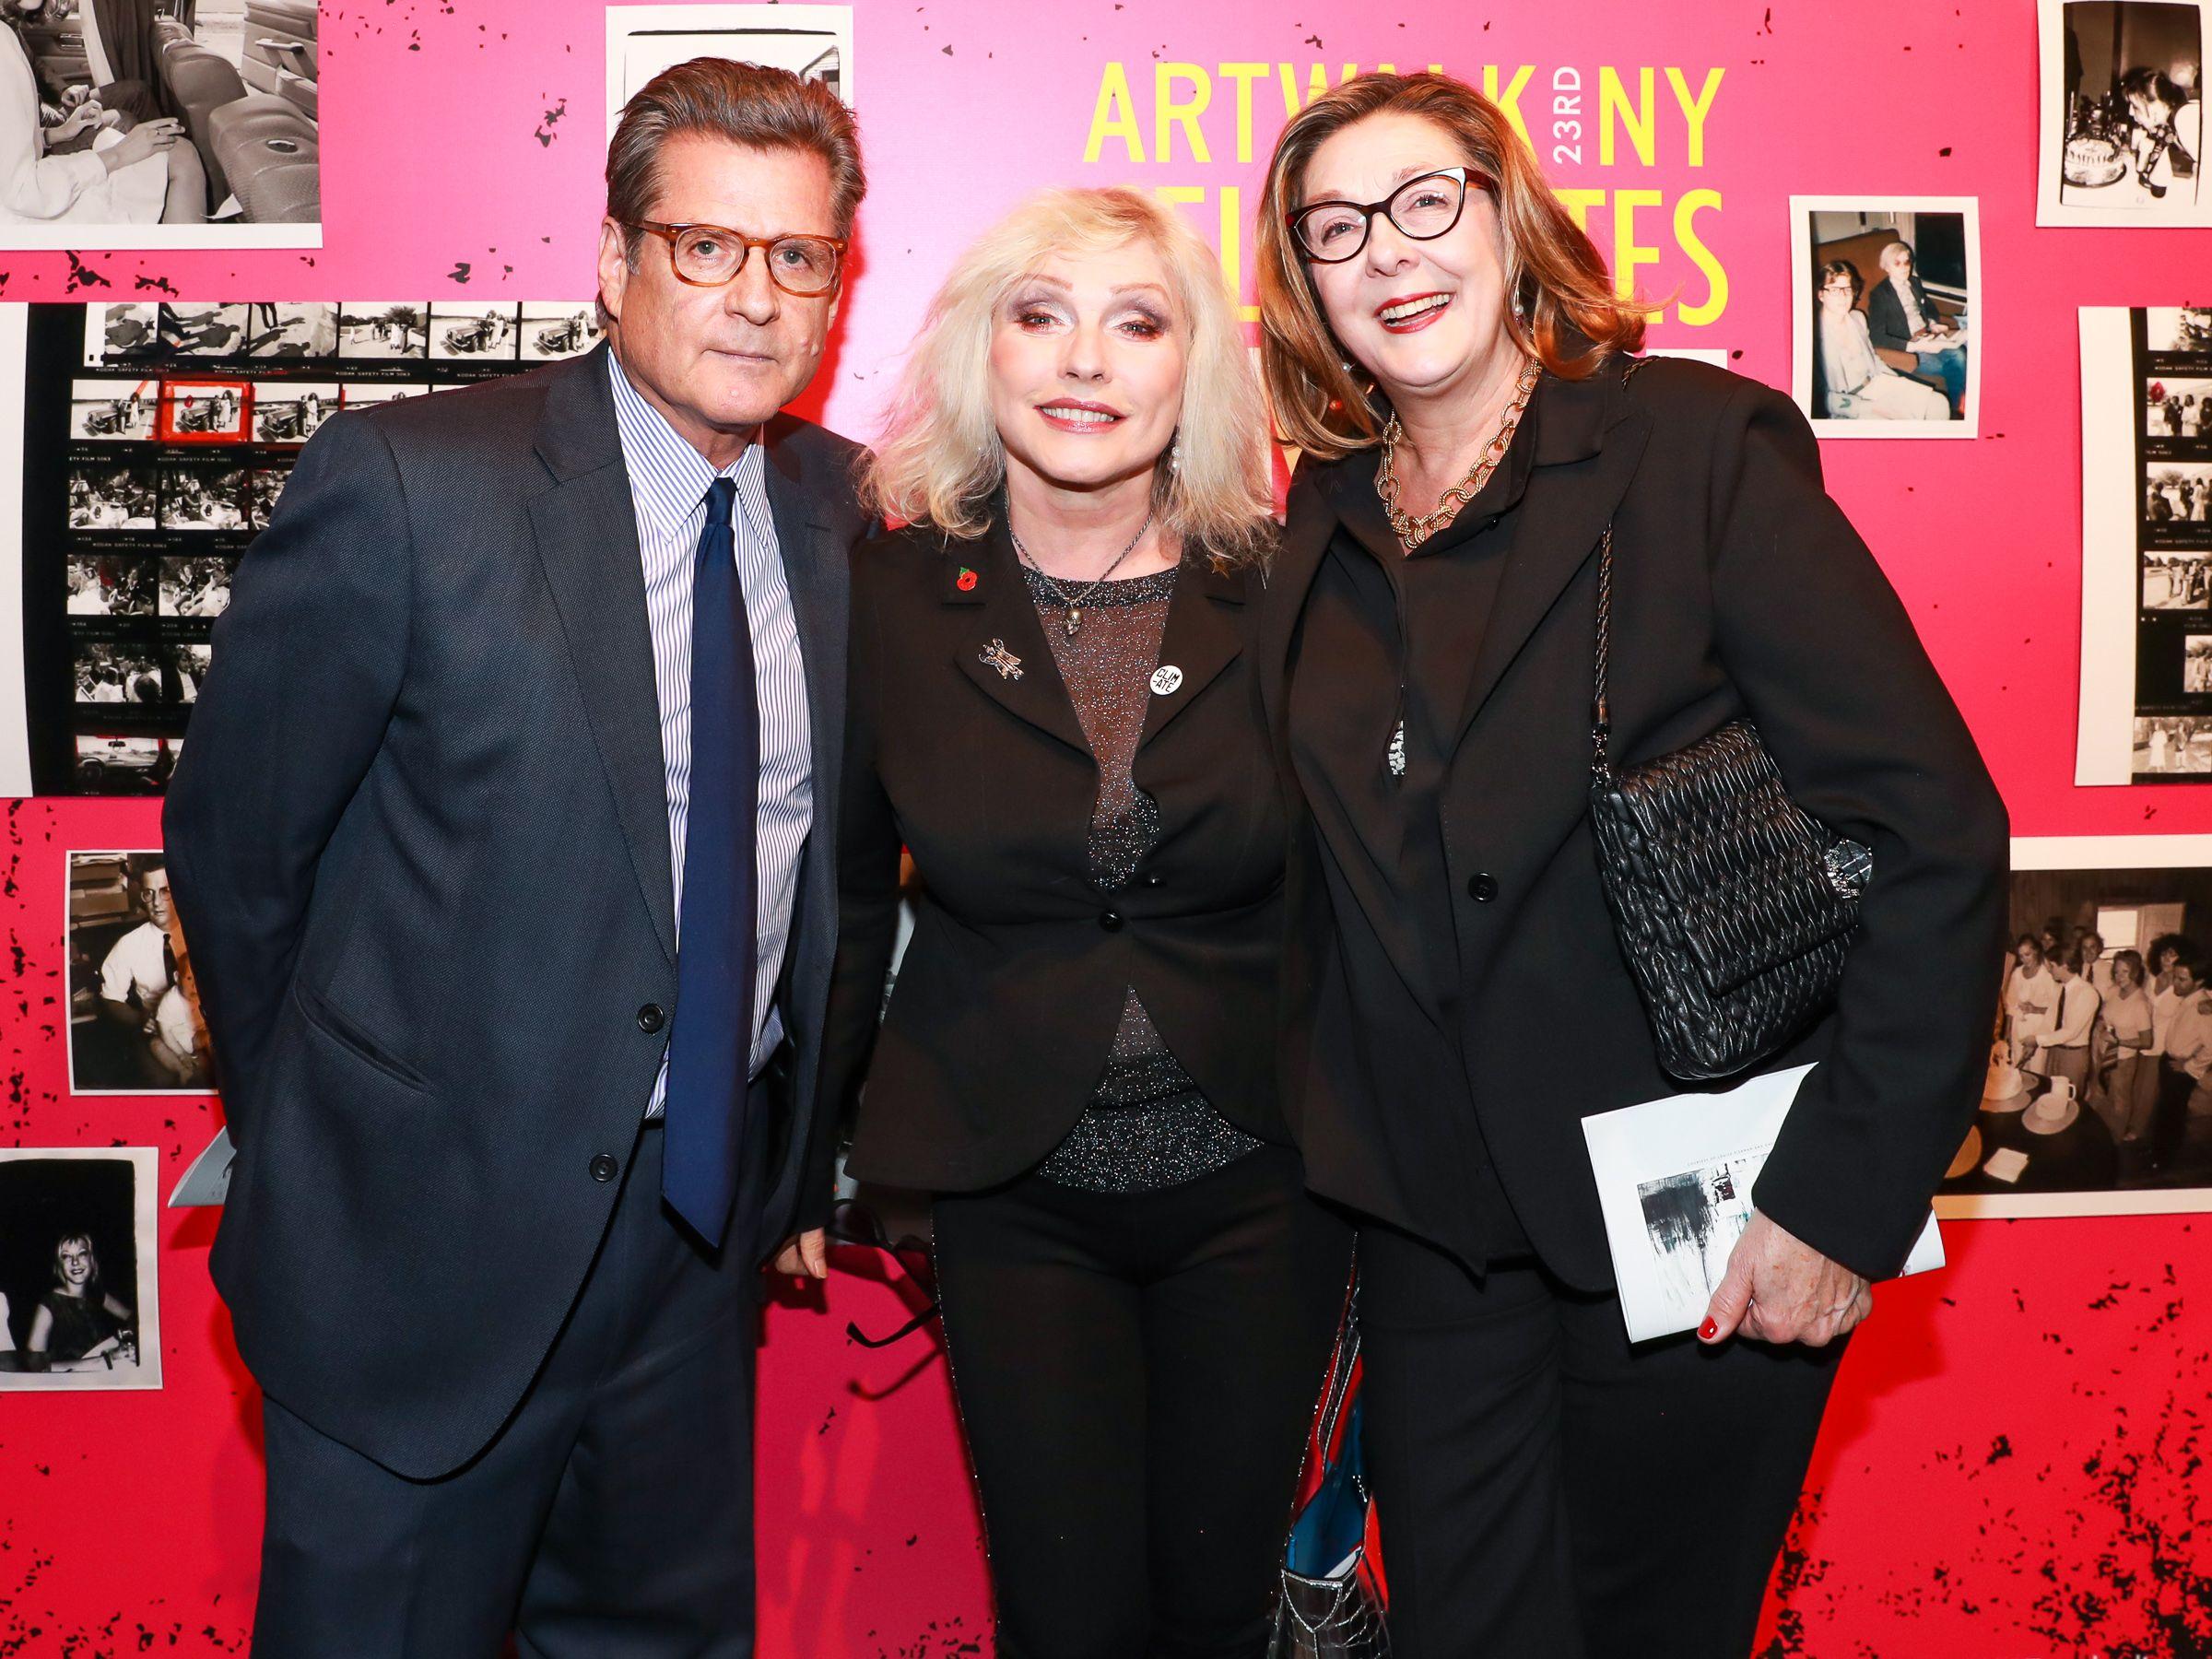 Vincent Fremont, Deborah Harry, Shelly FremontArtwalk NY Benefit For The Coalition For The Homeless, New York, USA - 29 Nov 2017